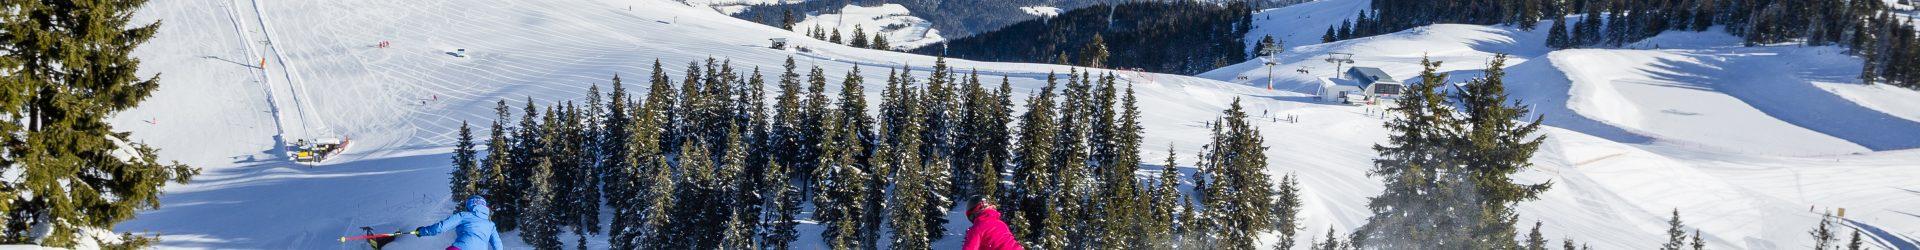 Milieuvriendelijk op wintersport, neem de nachttrein naar de SkiWelt